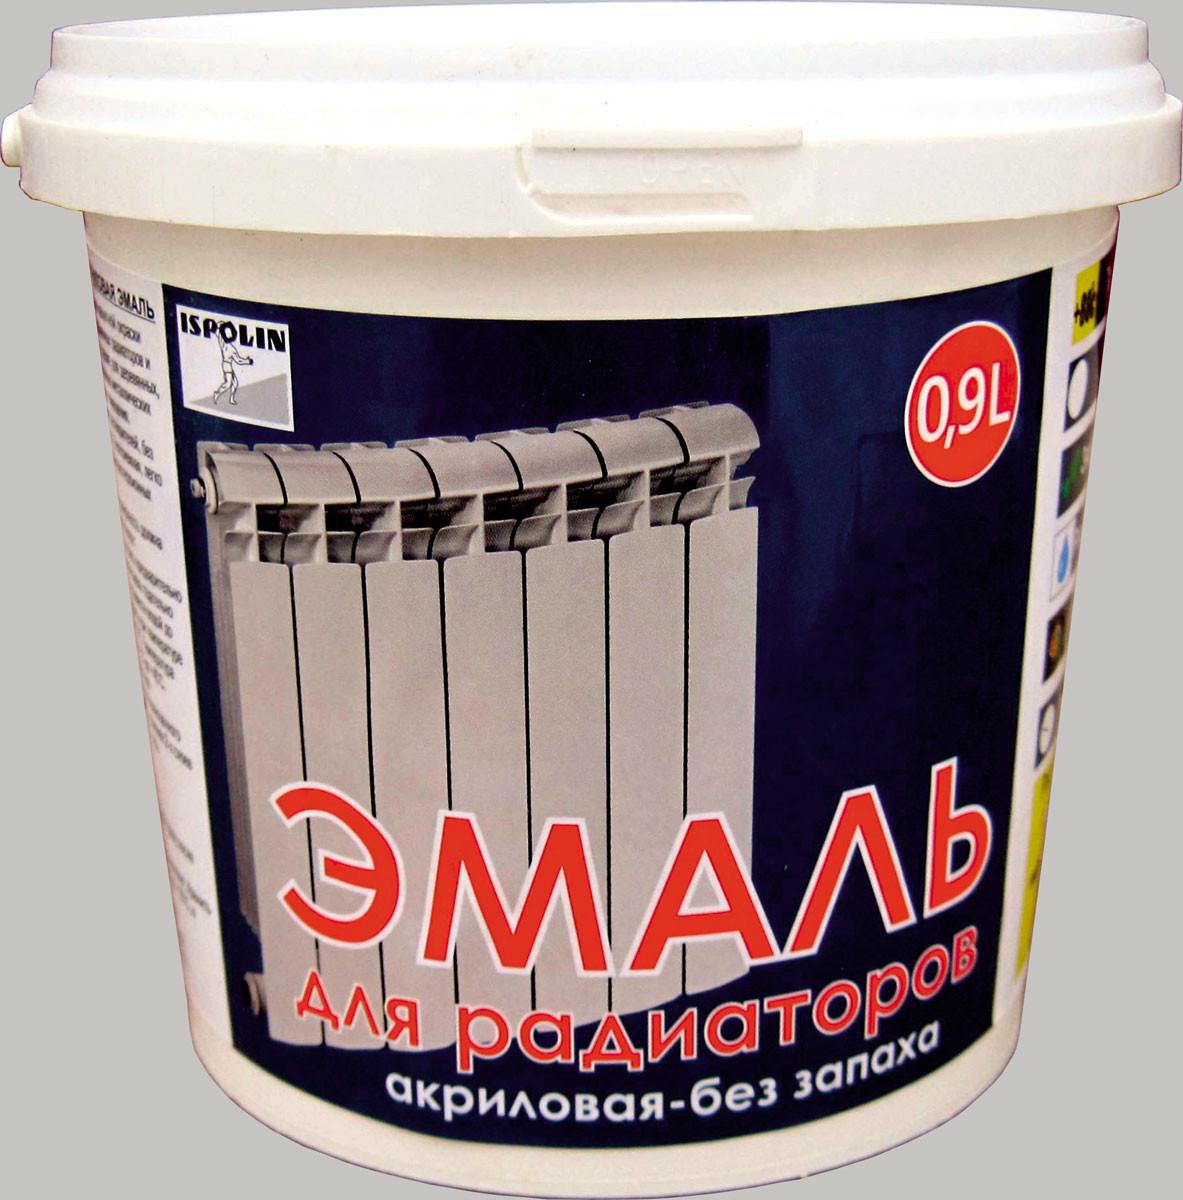 IspoLin Емаль акрилова для радіаторів (0,45 л)